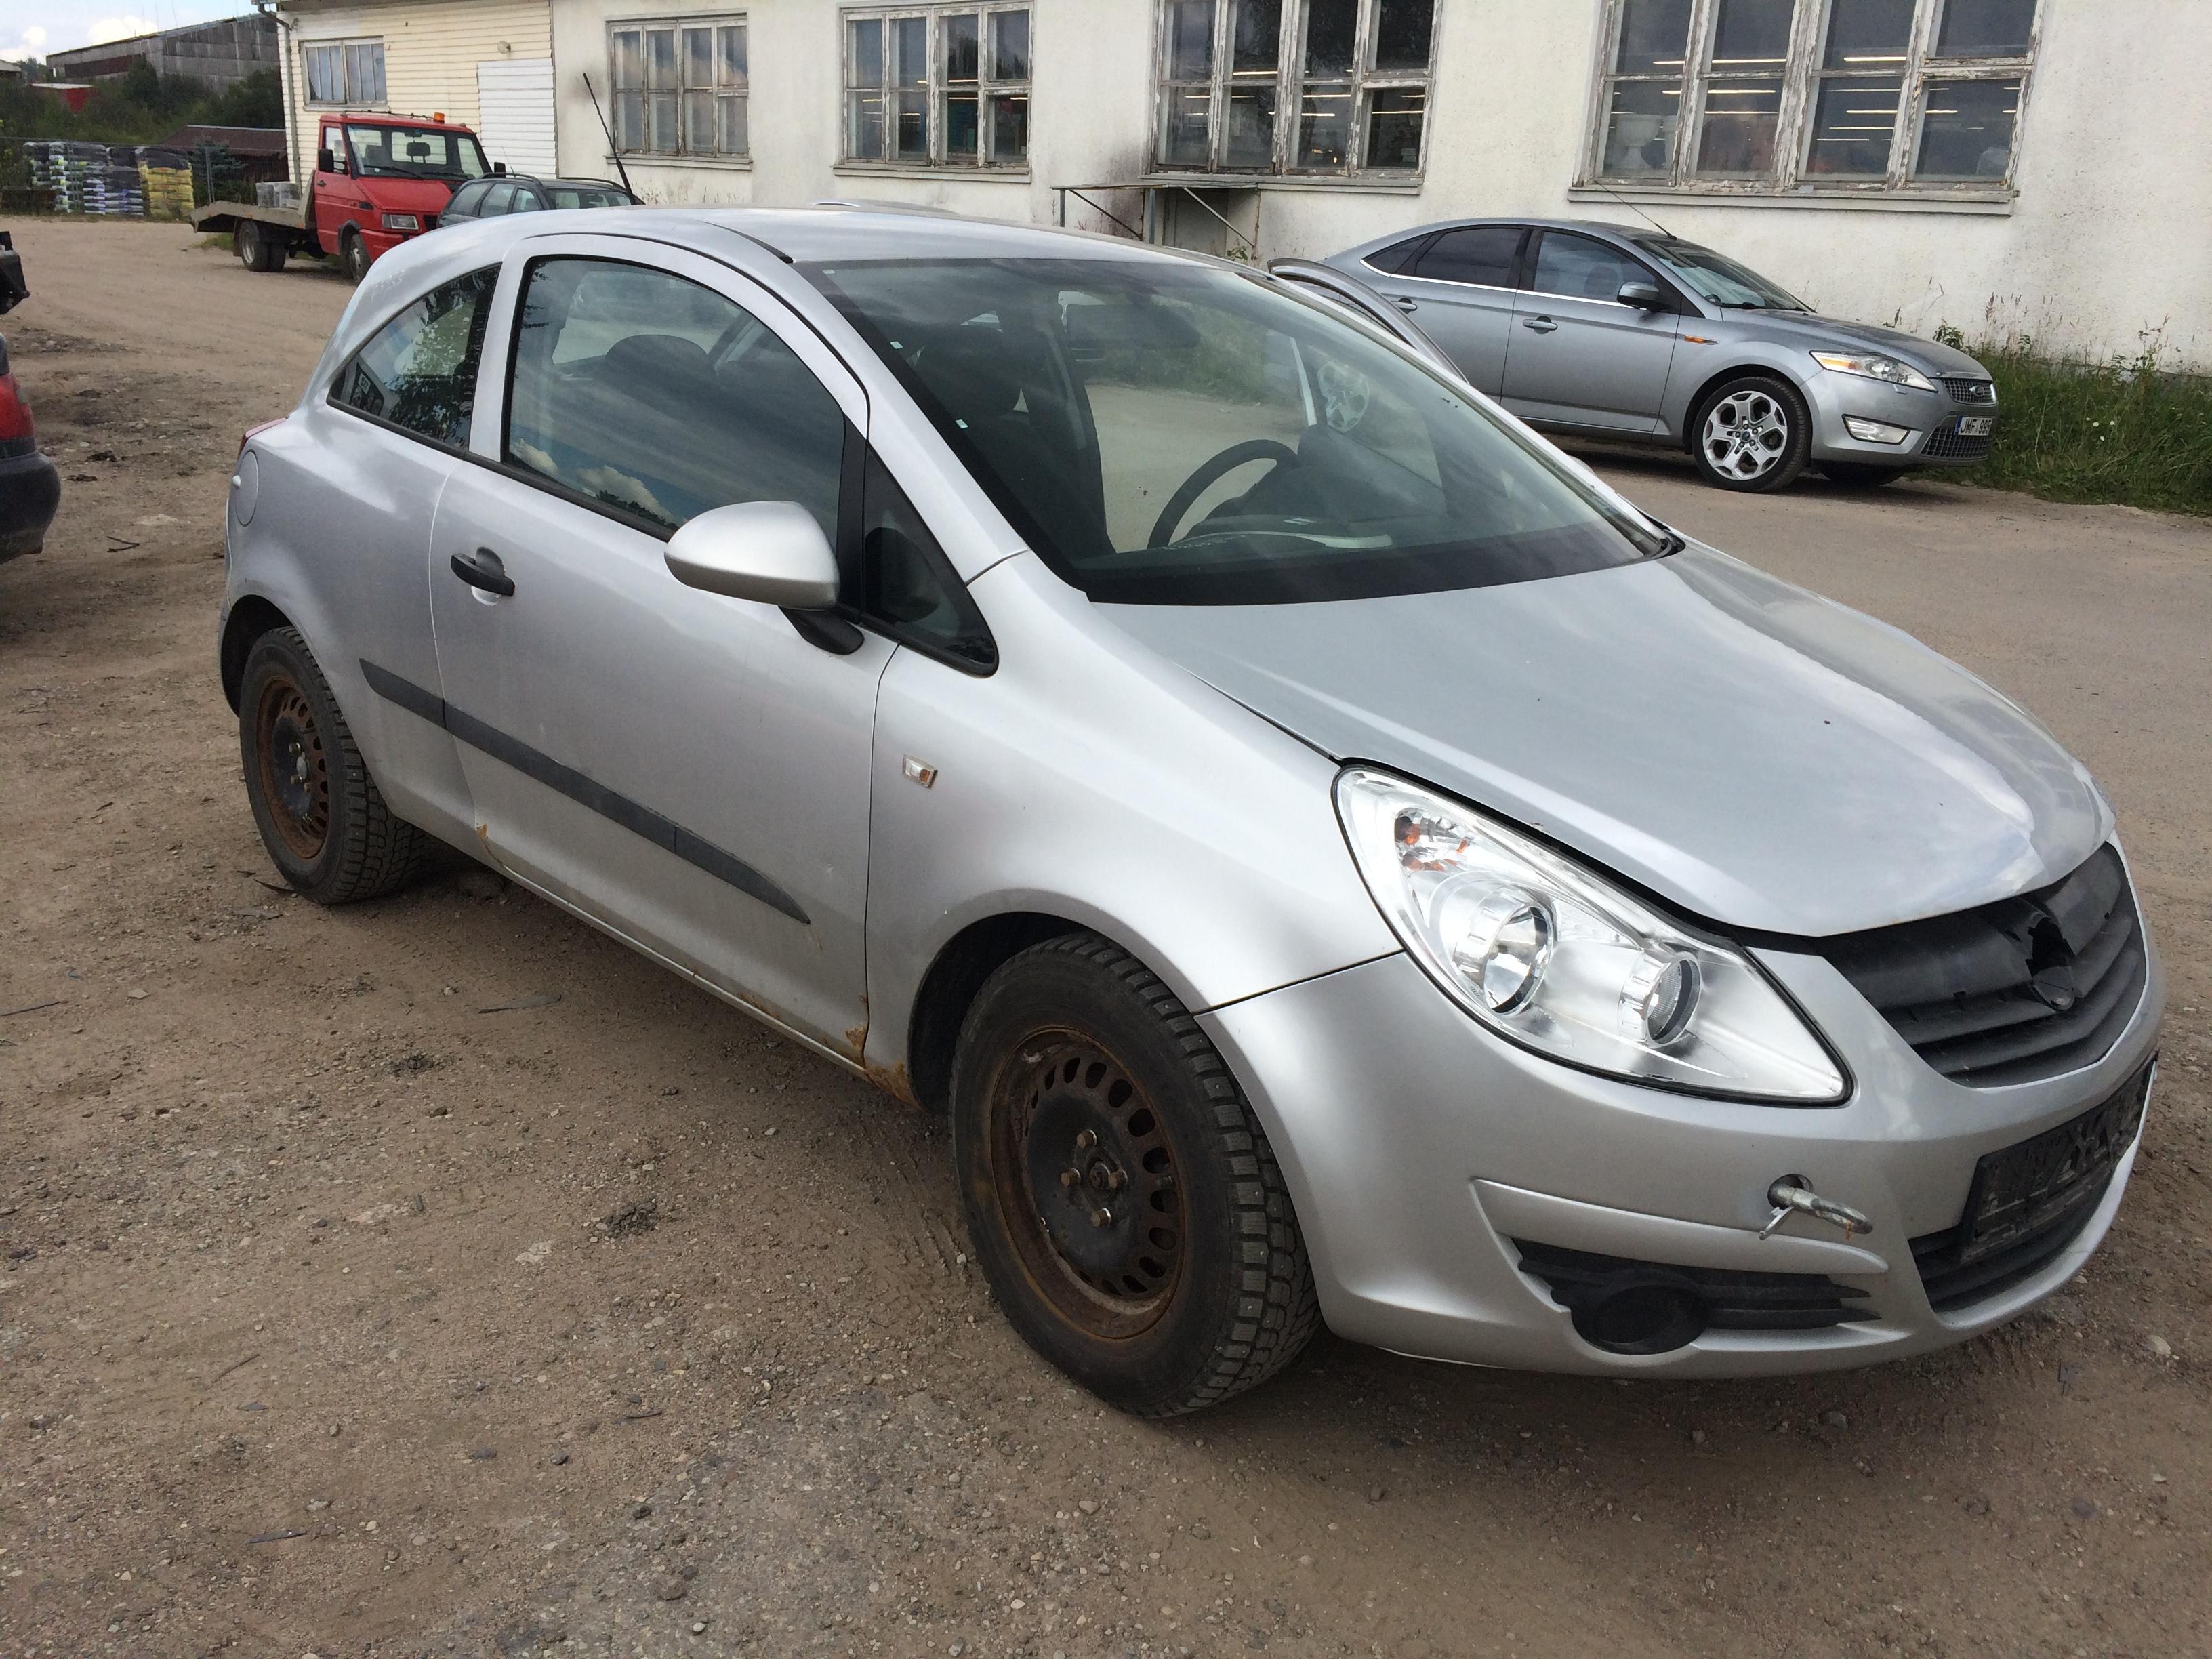 Подержанные Автозапчасти Foto 4 Opel CORSA 2008 1.3 машиностроение хэтчбэк 2/3 d. Серый 2018-7-11 A3933